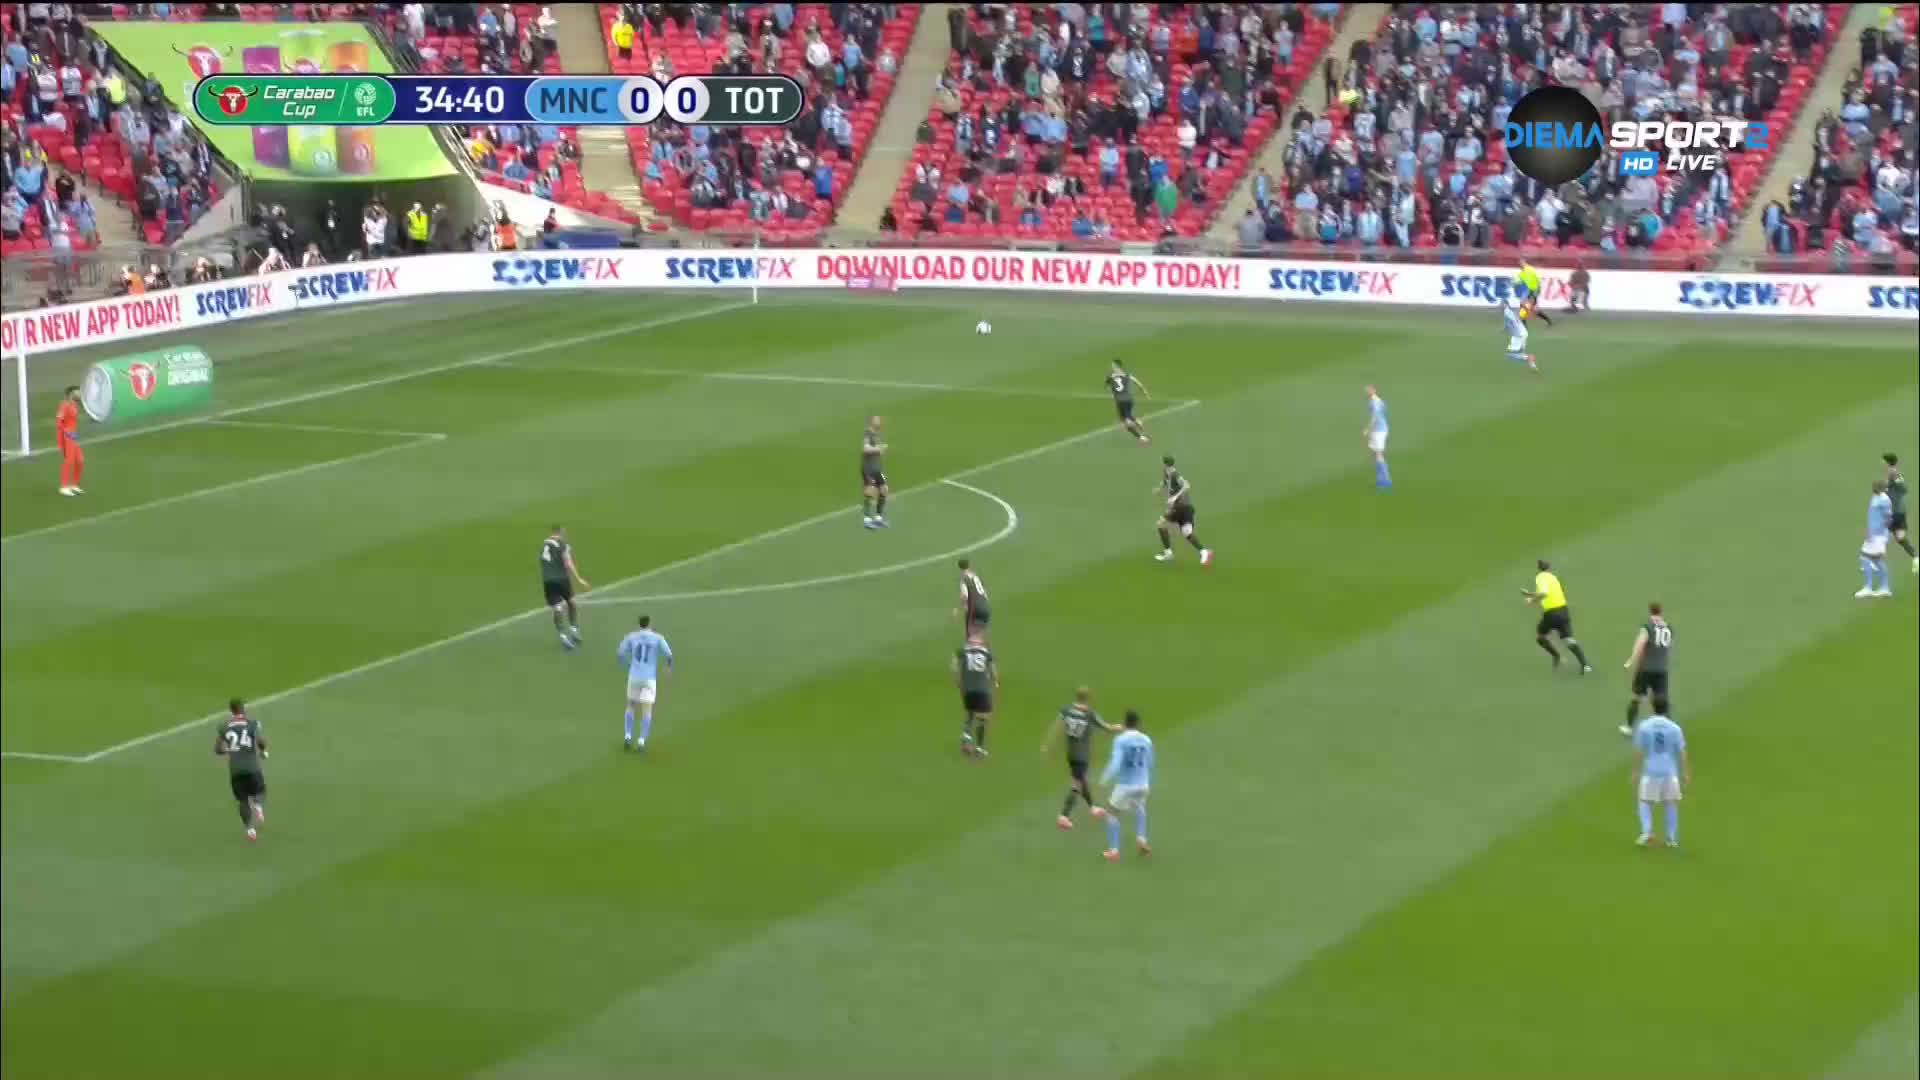 Манчестър Сити - Тотнъм Хотспър 0:0 /първо полувреме/